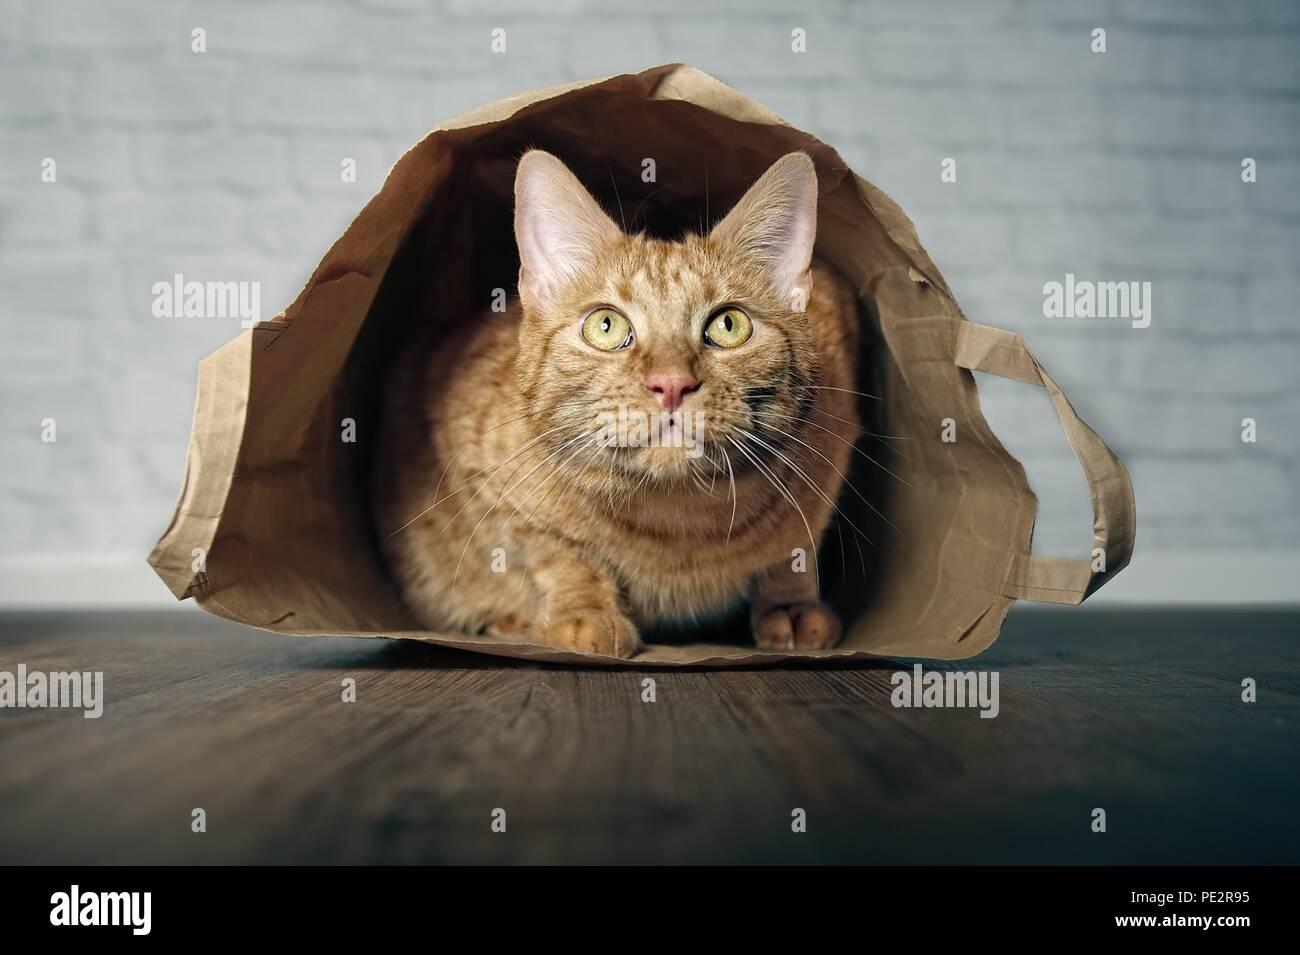 Lo zenzero simpatico gatto sdraiato in un sacchetto di carta e guardando curioso verso l'alto. Immagini Stock